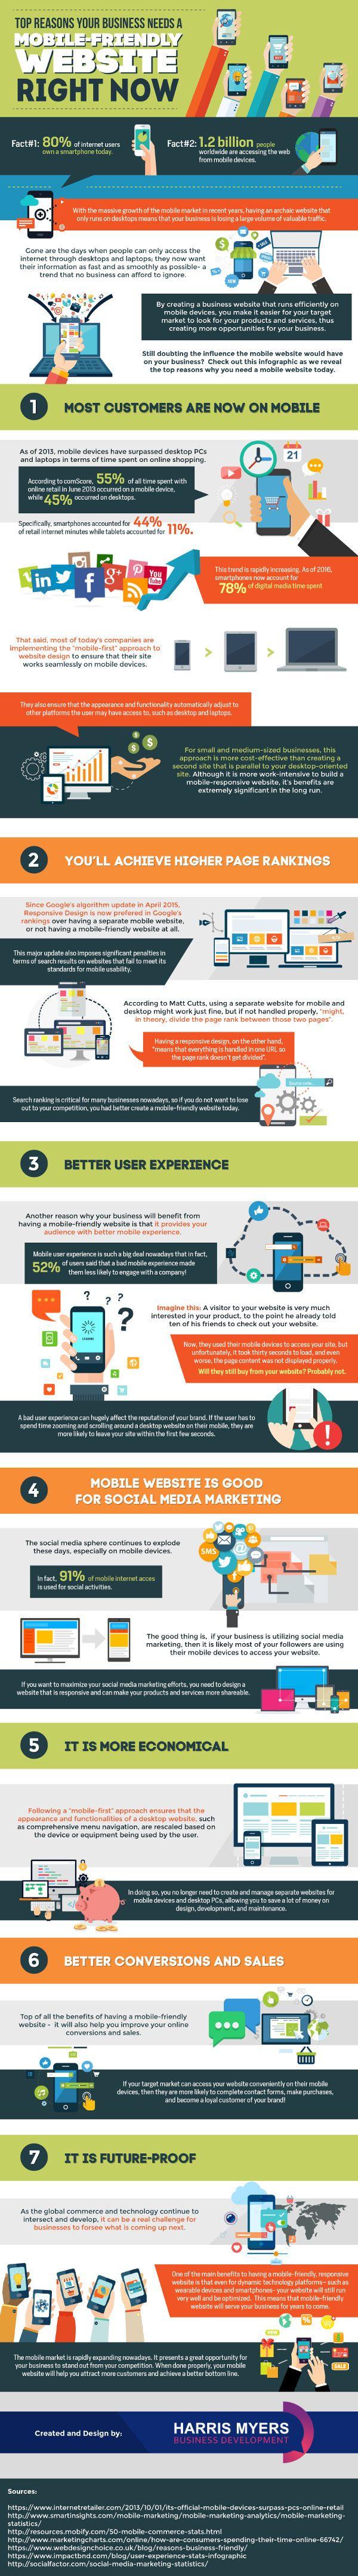 Nog geen mobielvriendelijke website? 7 redenen waarom je er nú mee aan de slag moet.